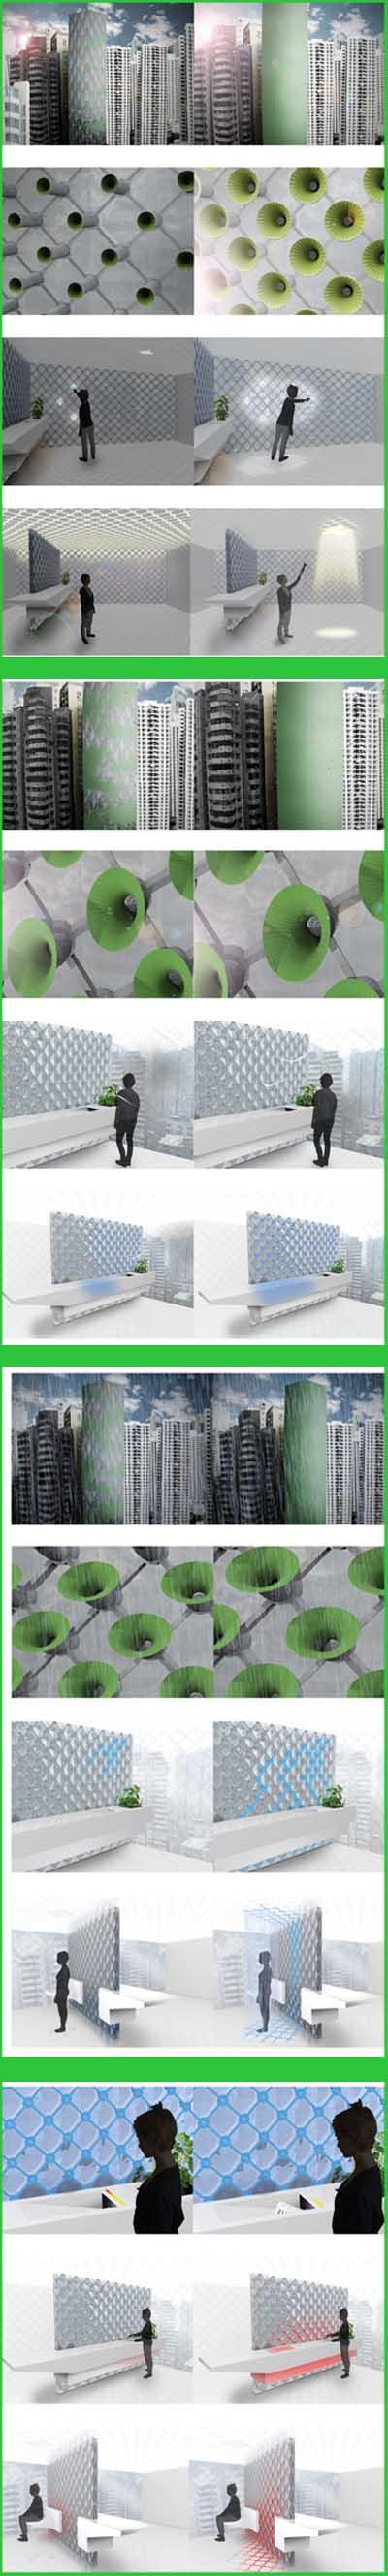 architettura sostenibile bioispirata Philips